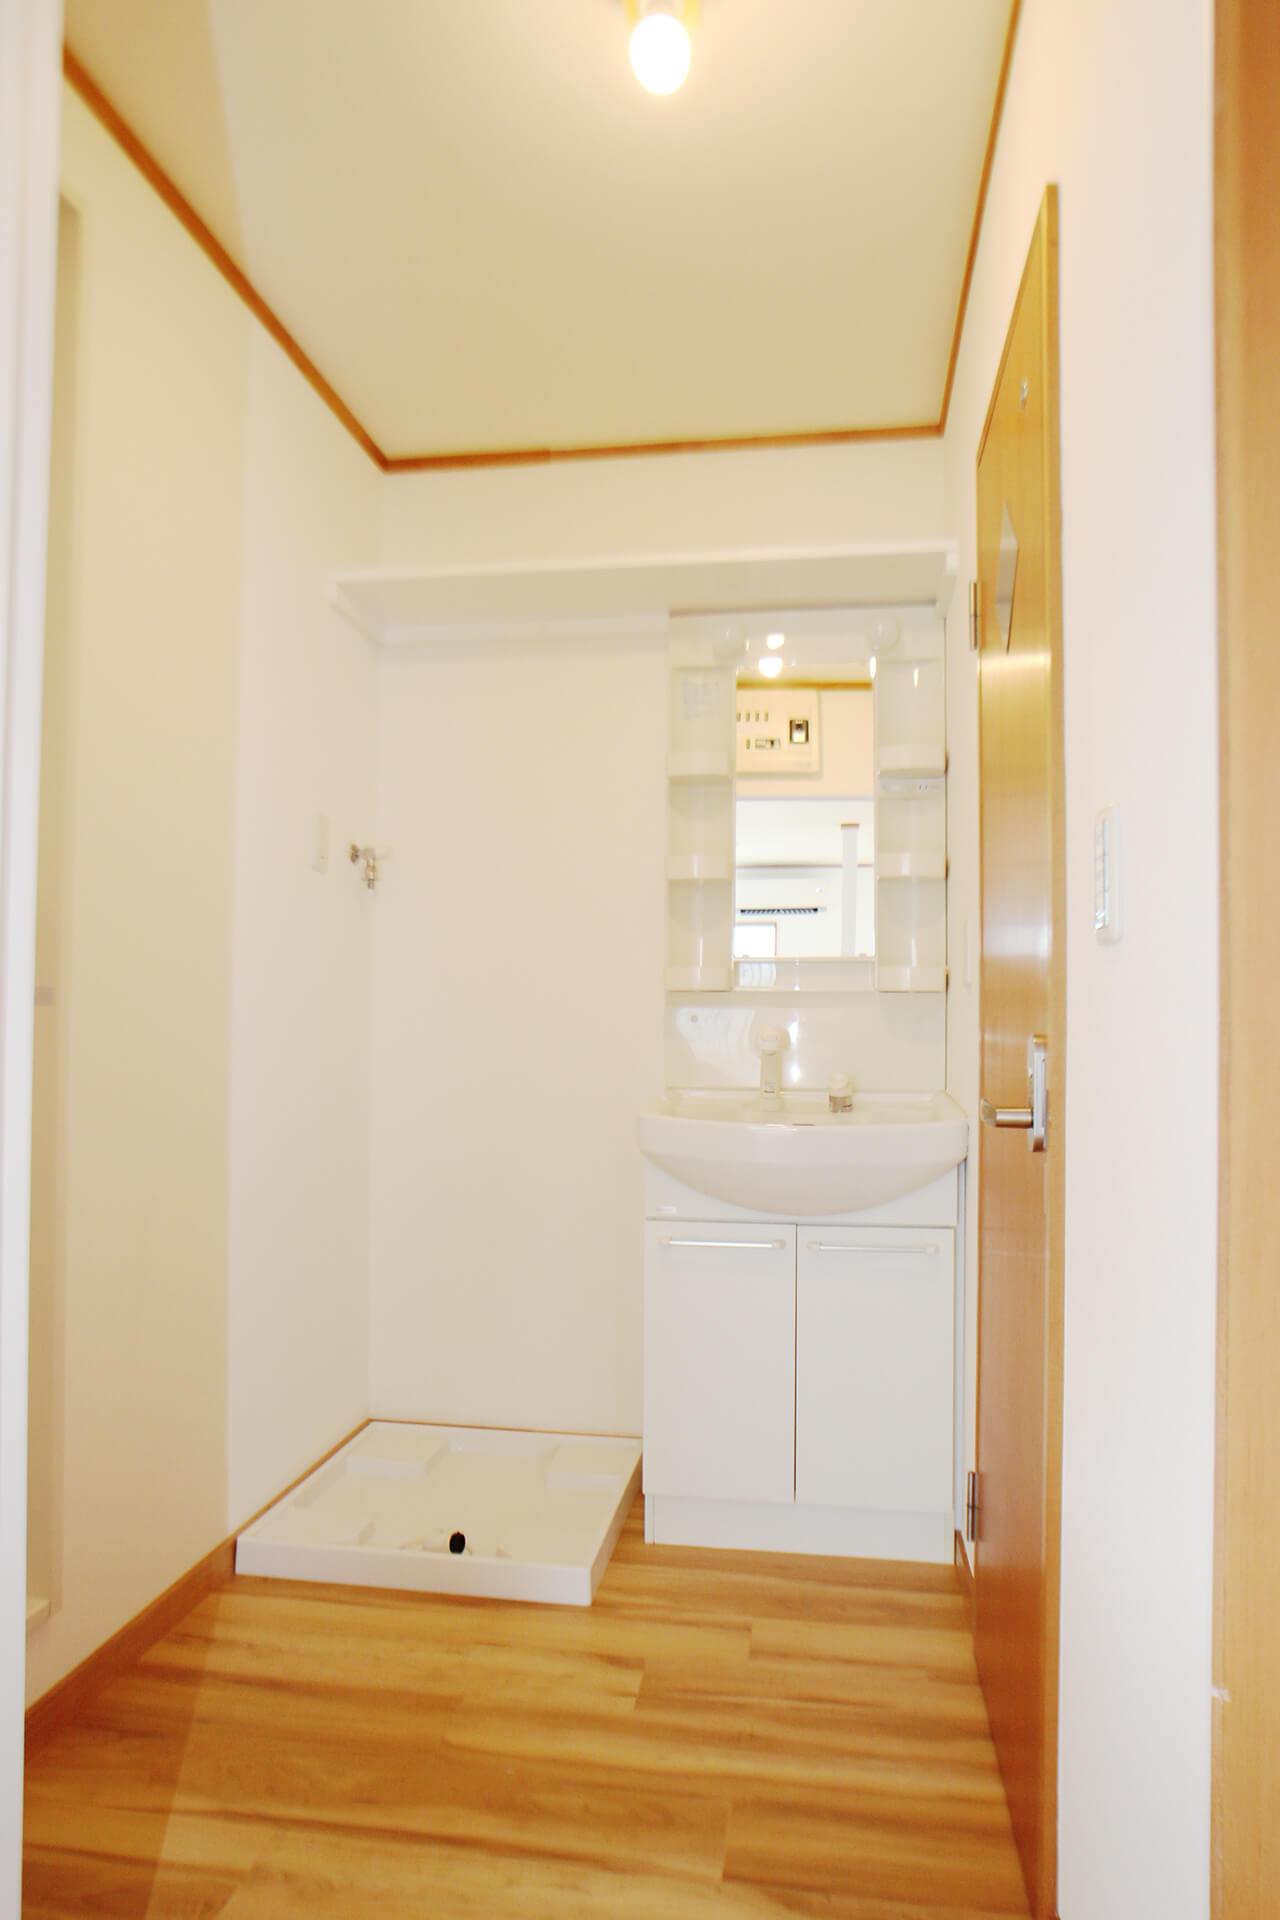 こちらが洗面所です。嬉しい独立洗面台! 洗濯機置き場もありますにゃ。